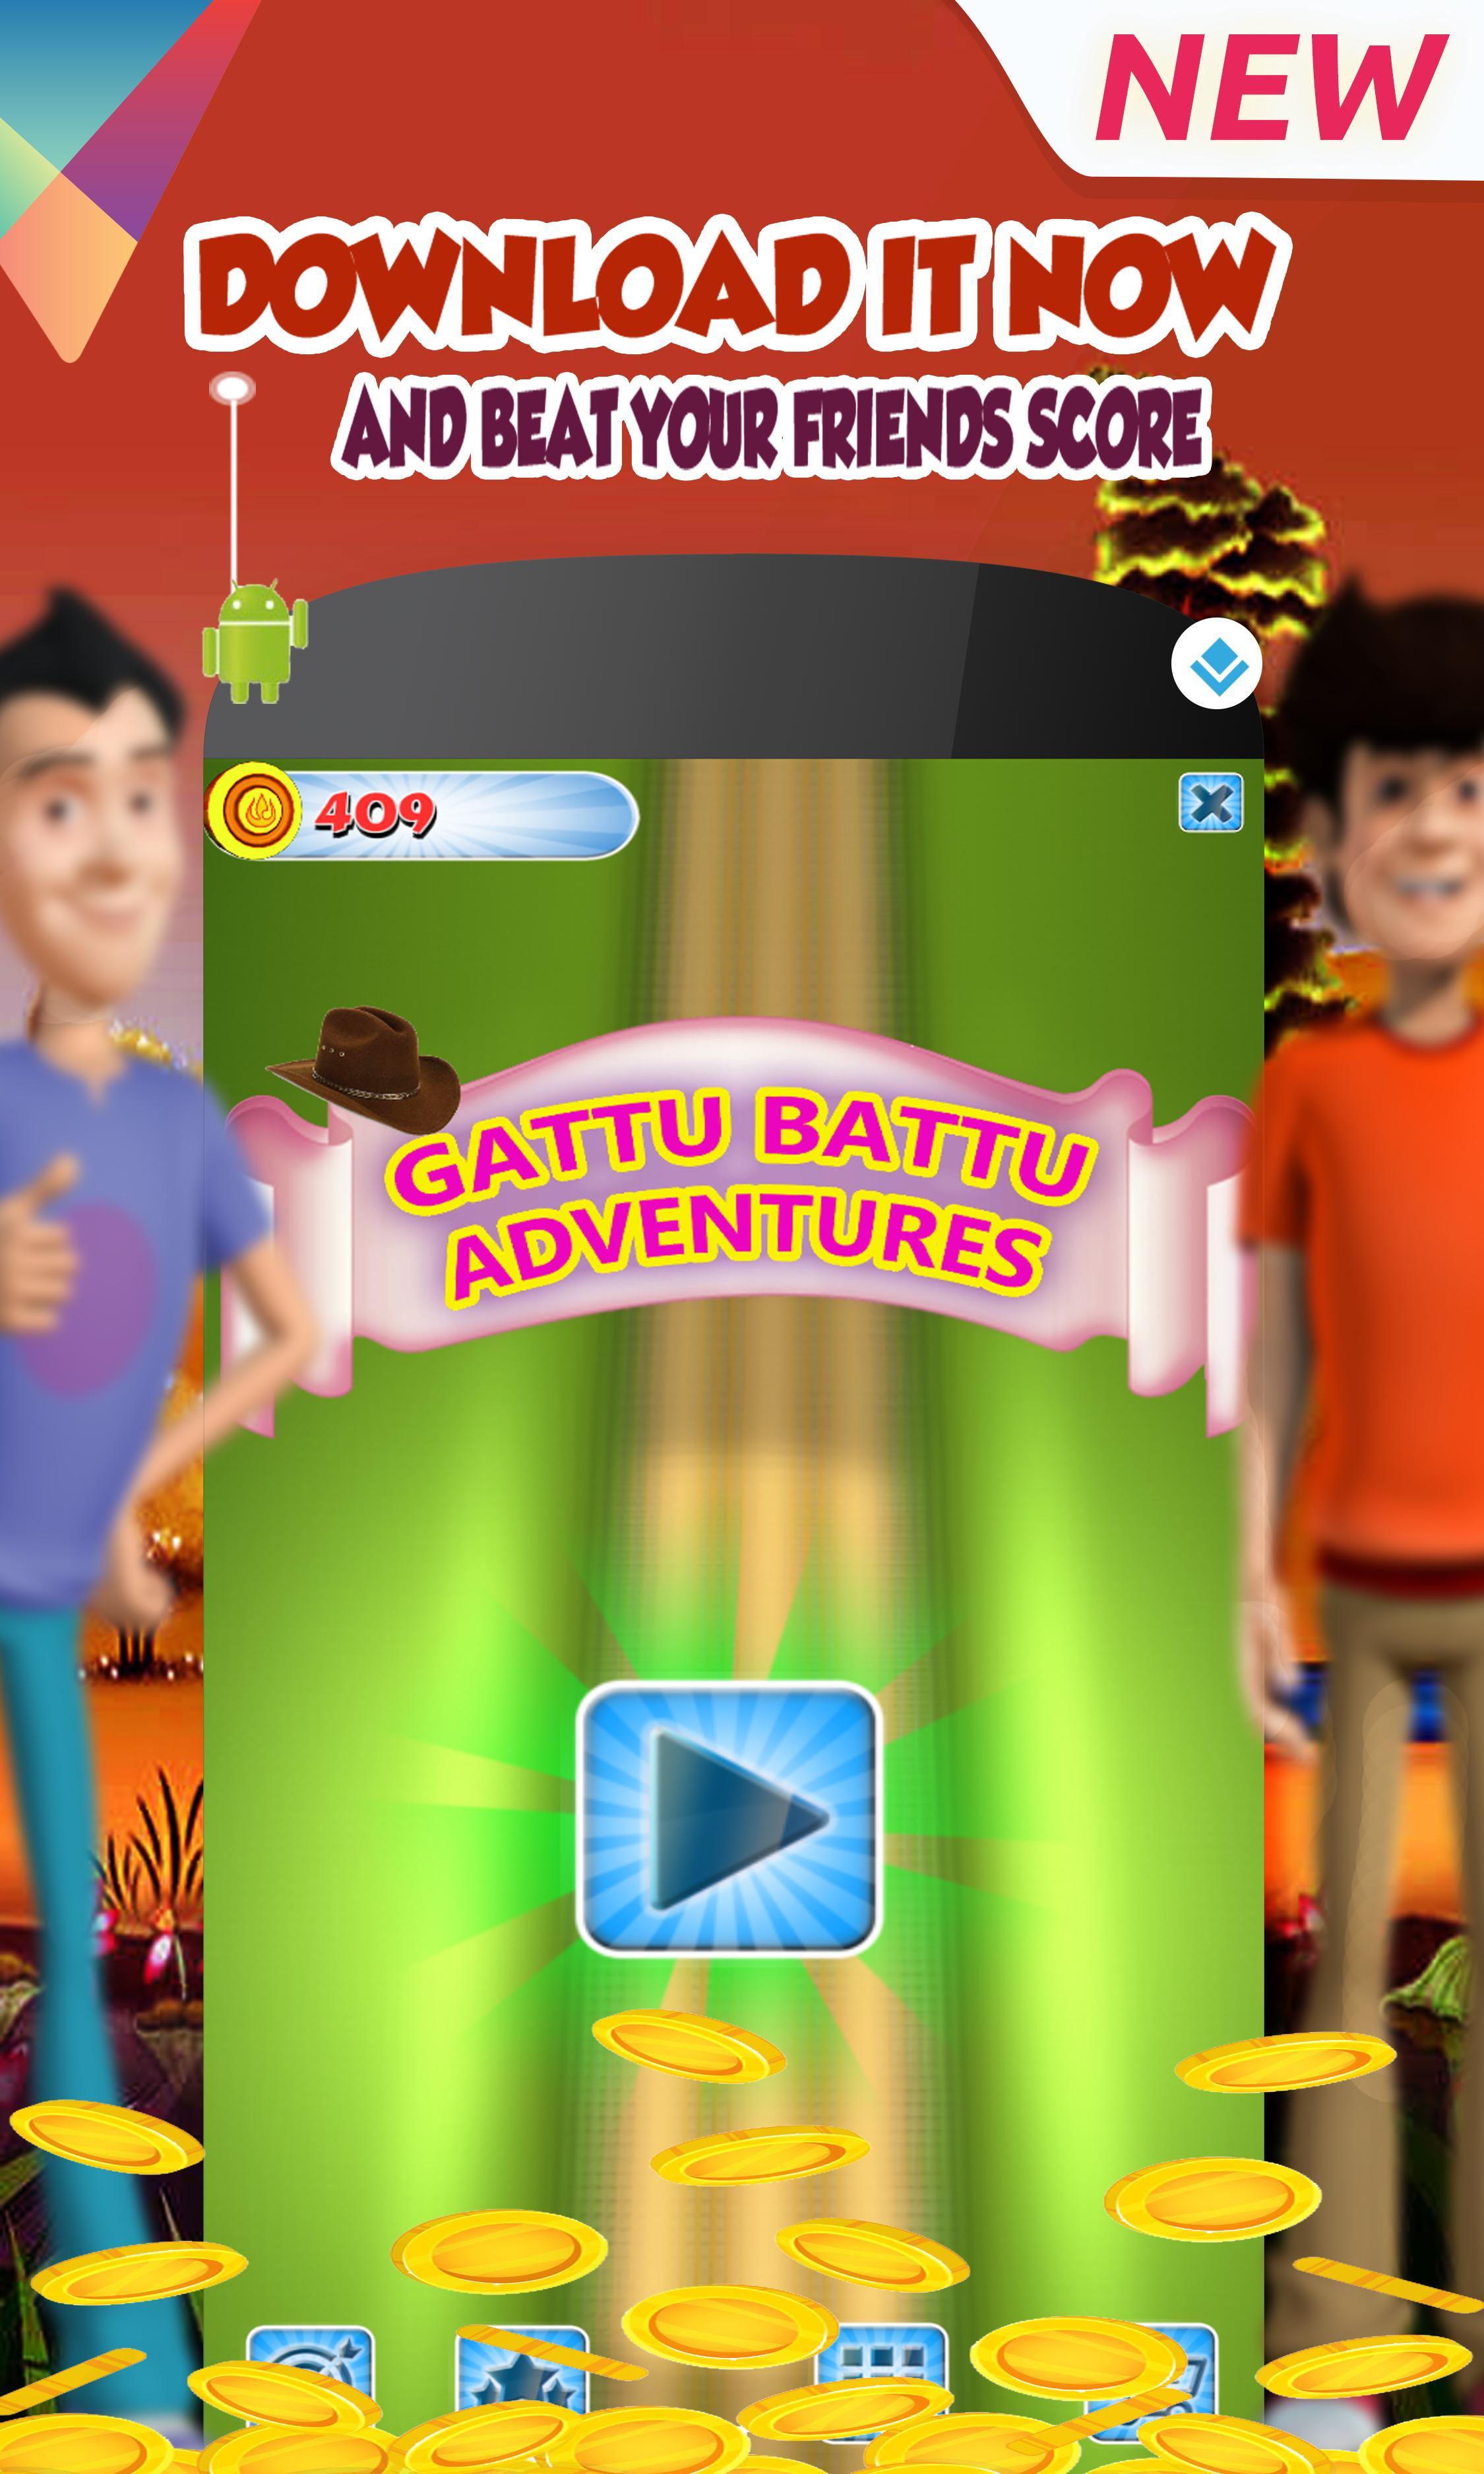 Gatu Batu Roblox Gattu Batu Subway Adventure Game For Android Apk Download